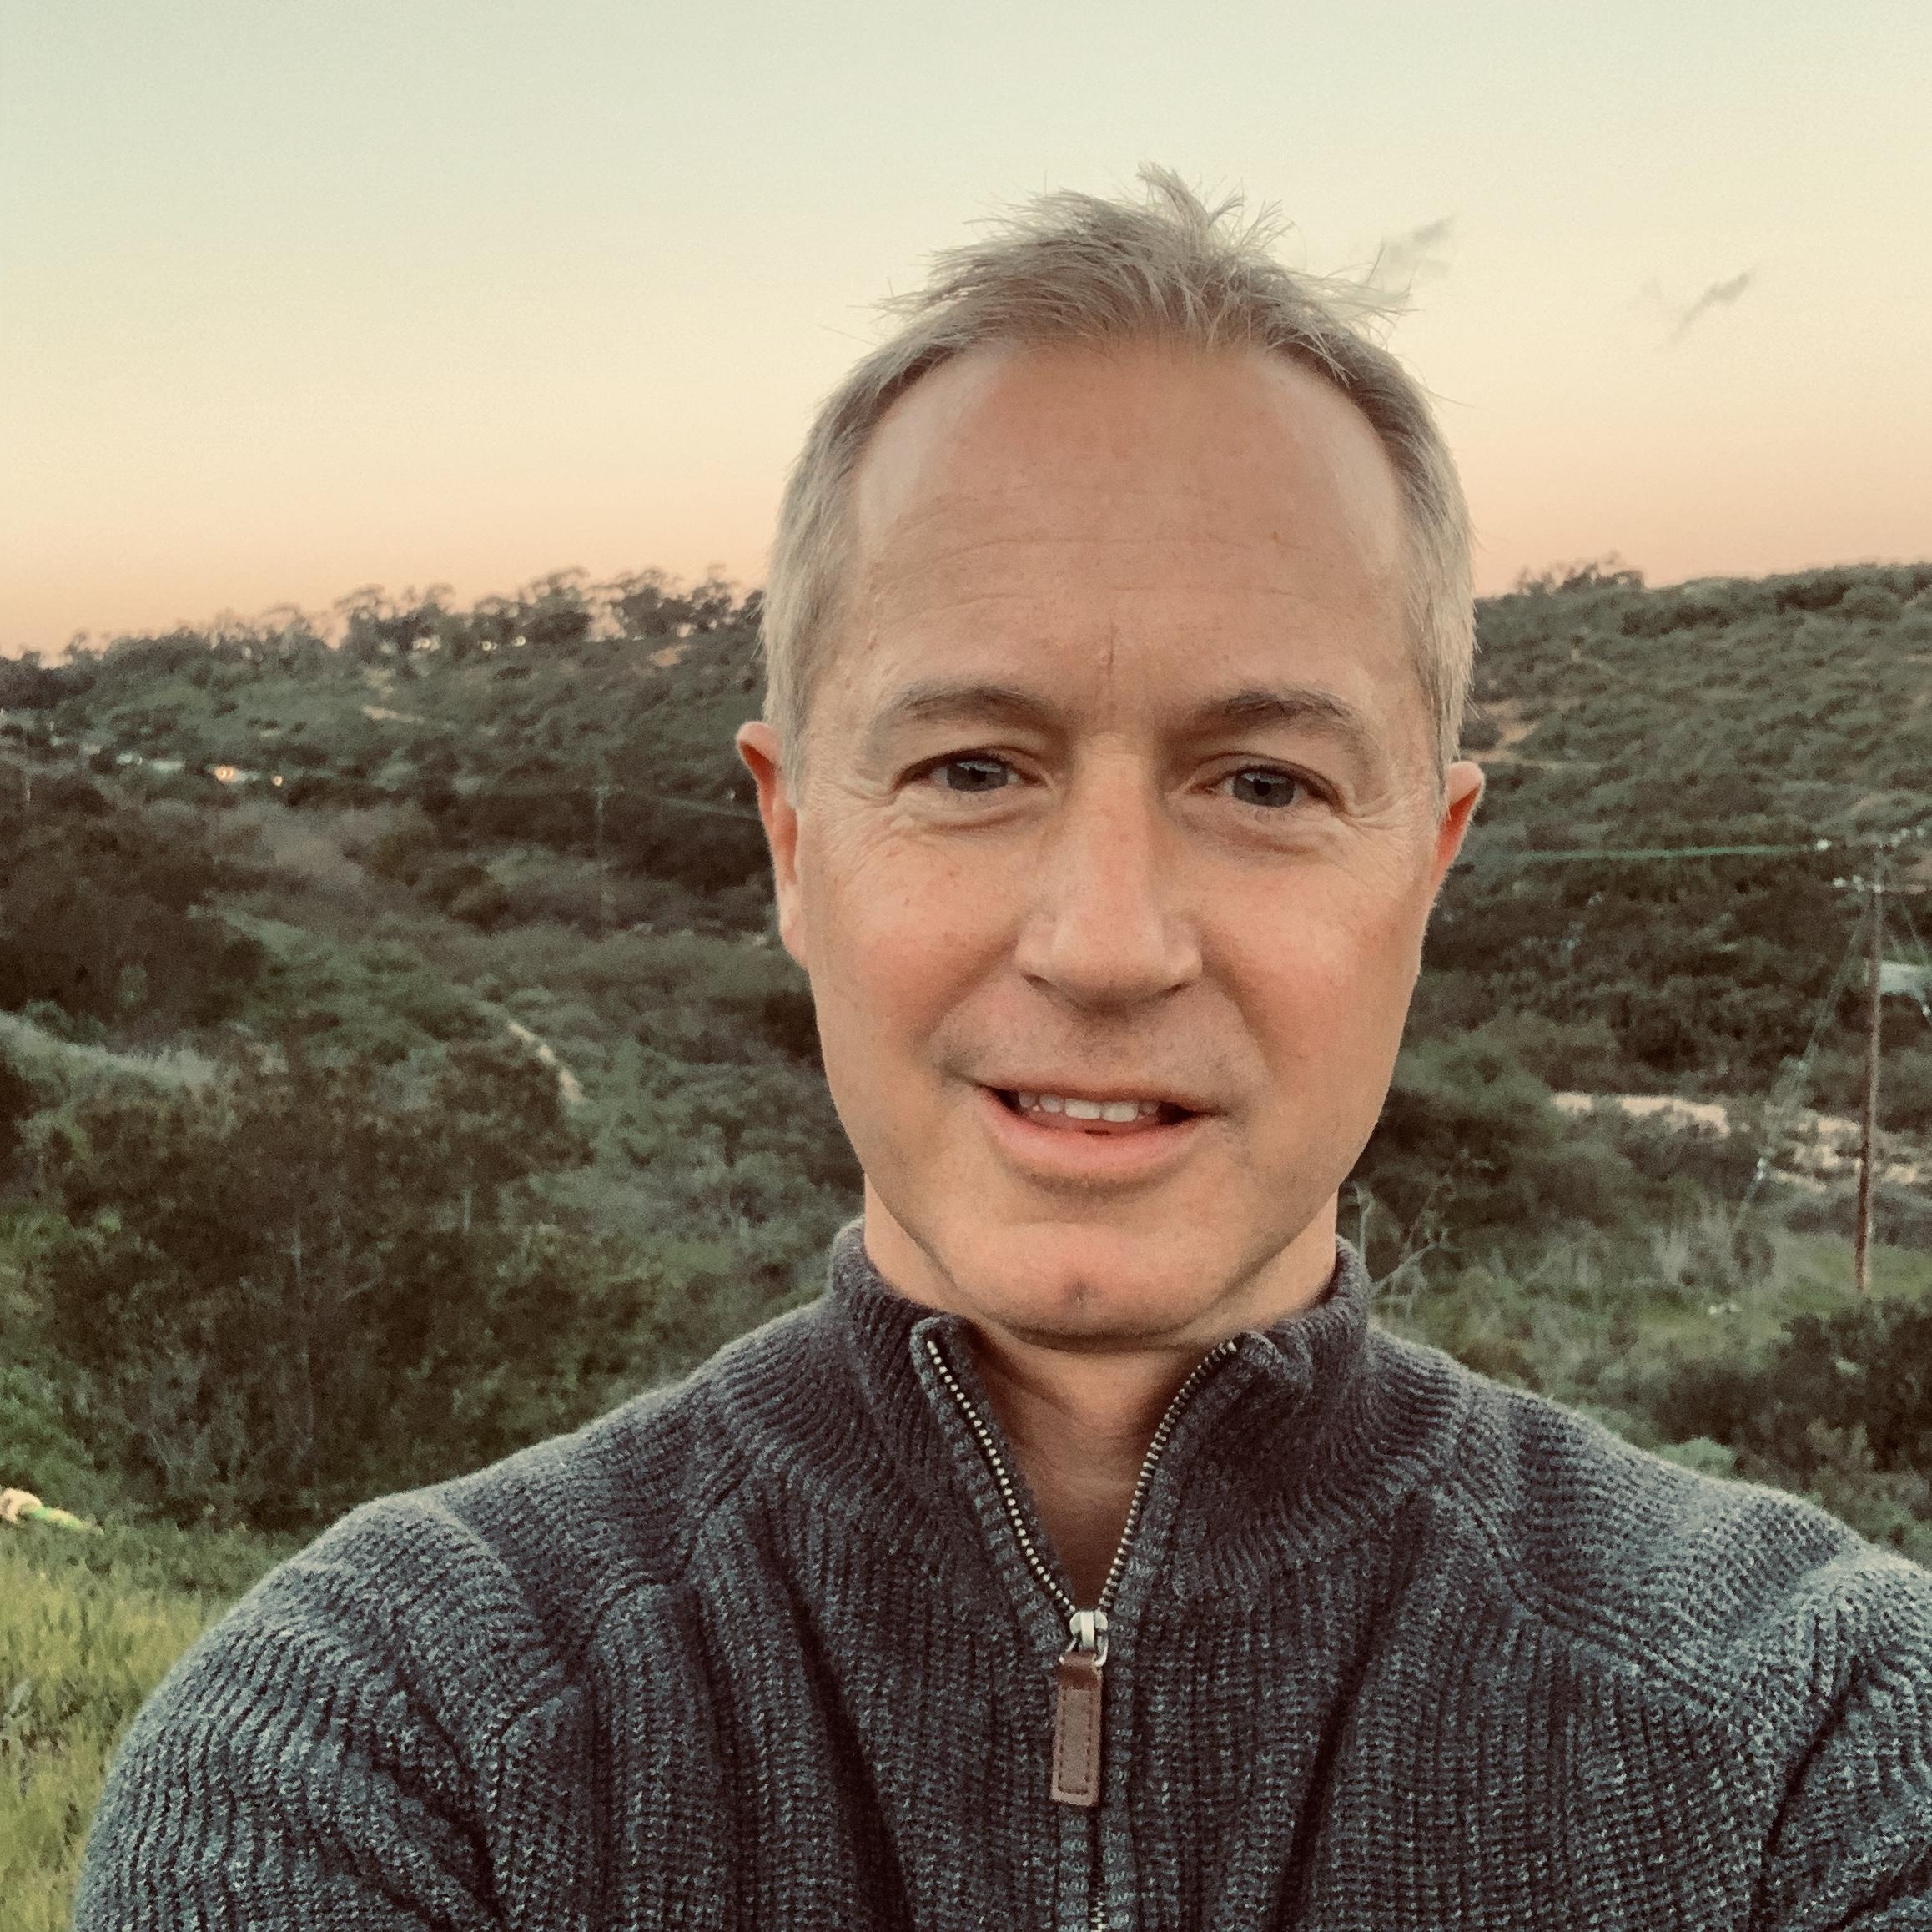 Brett Serwalt - President